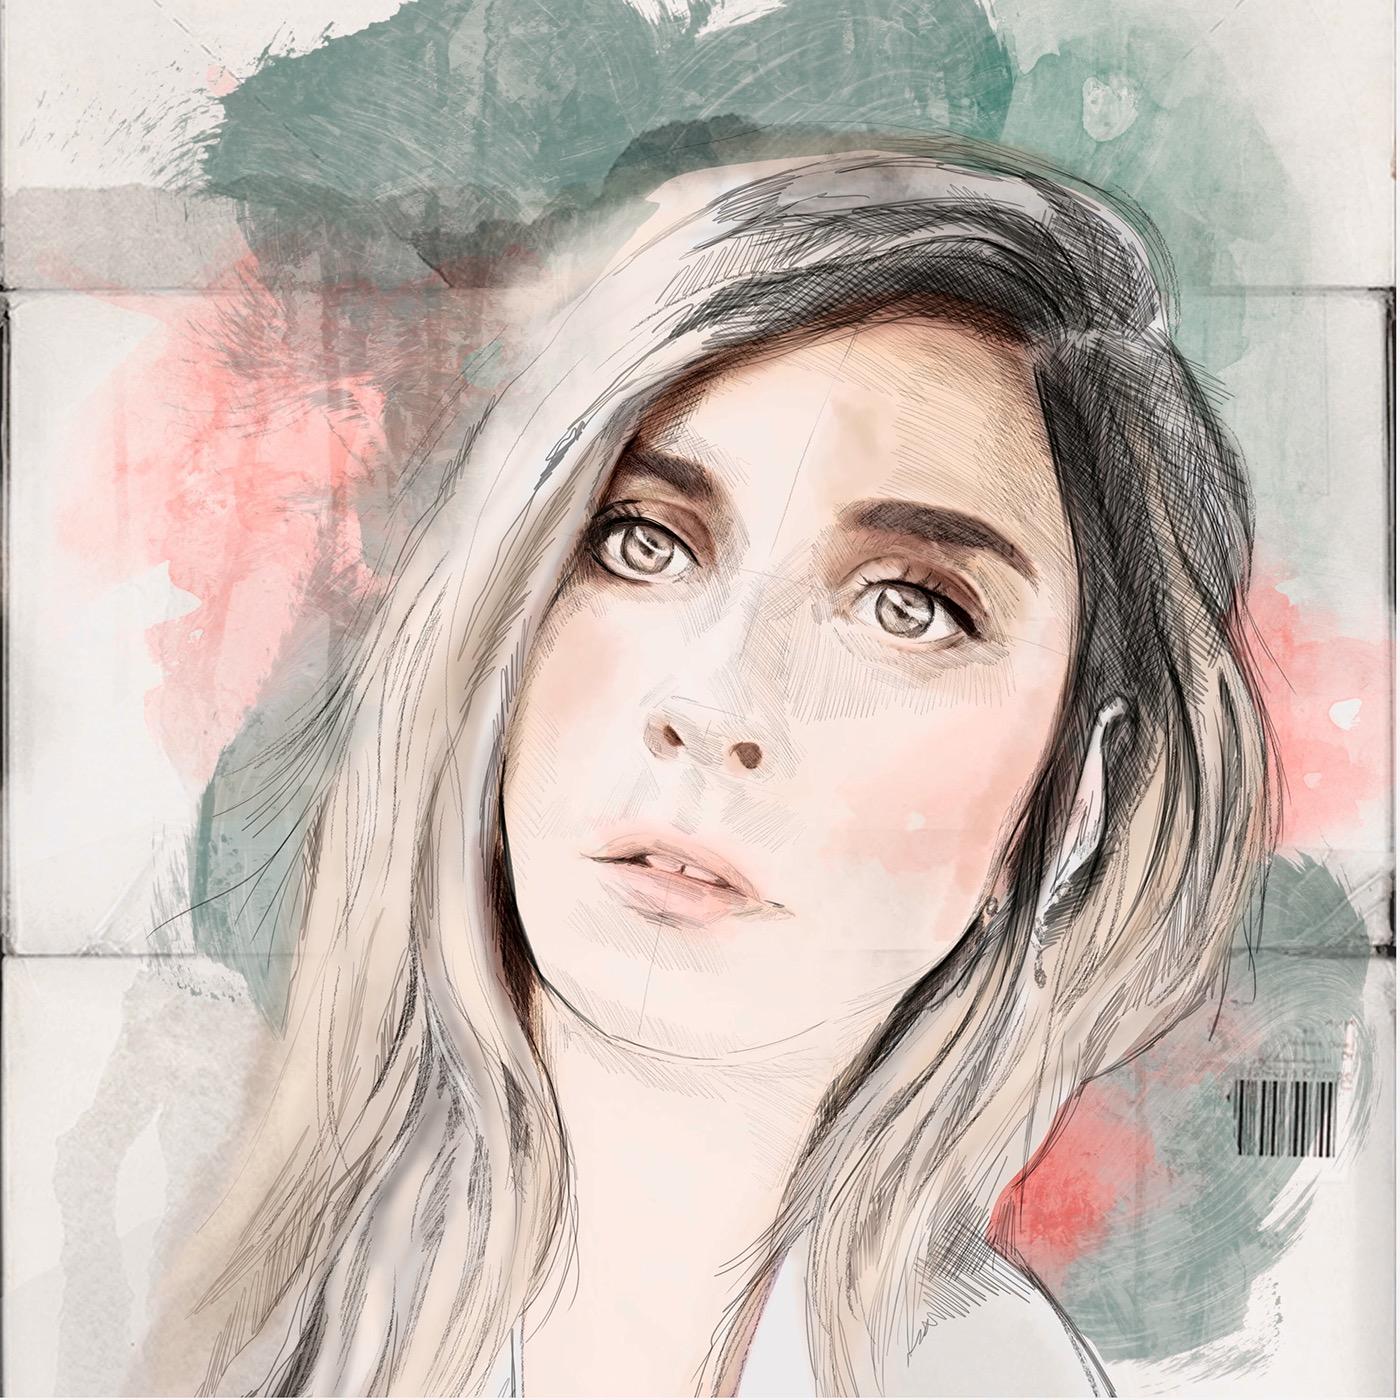 María León Barrios boceto pinceles sketch Cintiq